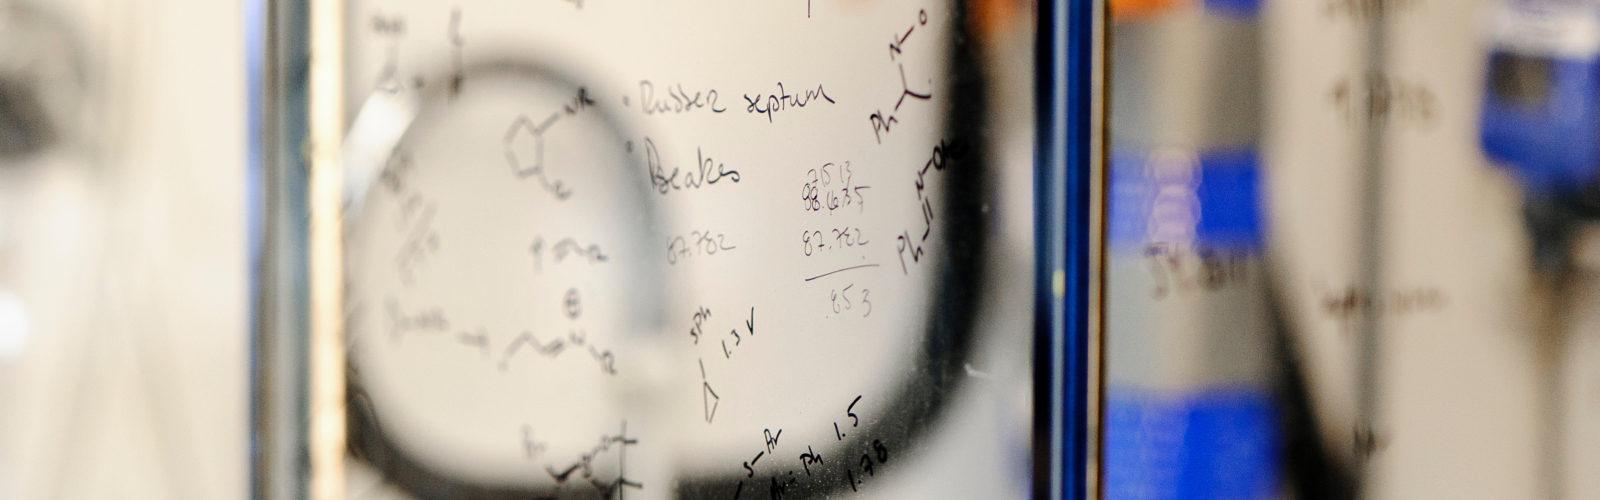 Writing on the glass sash of a chemical fume hood